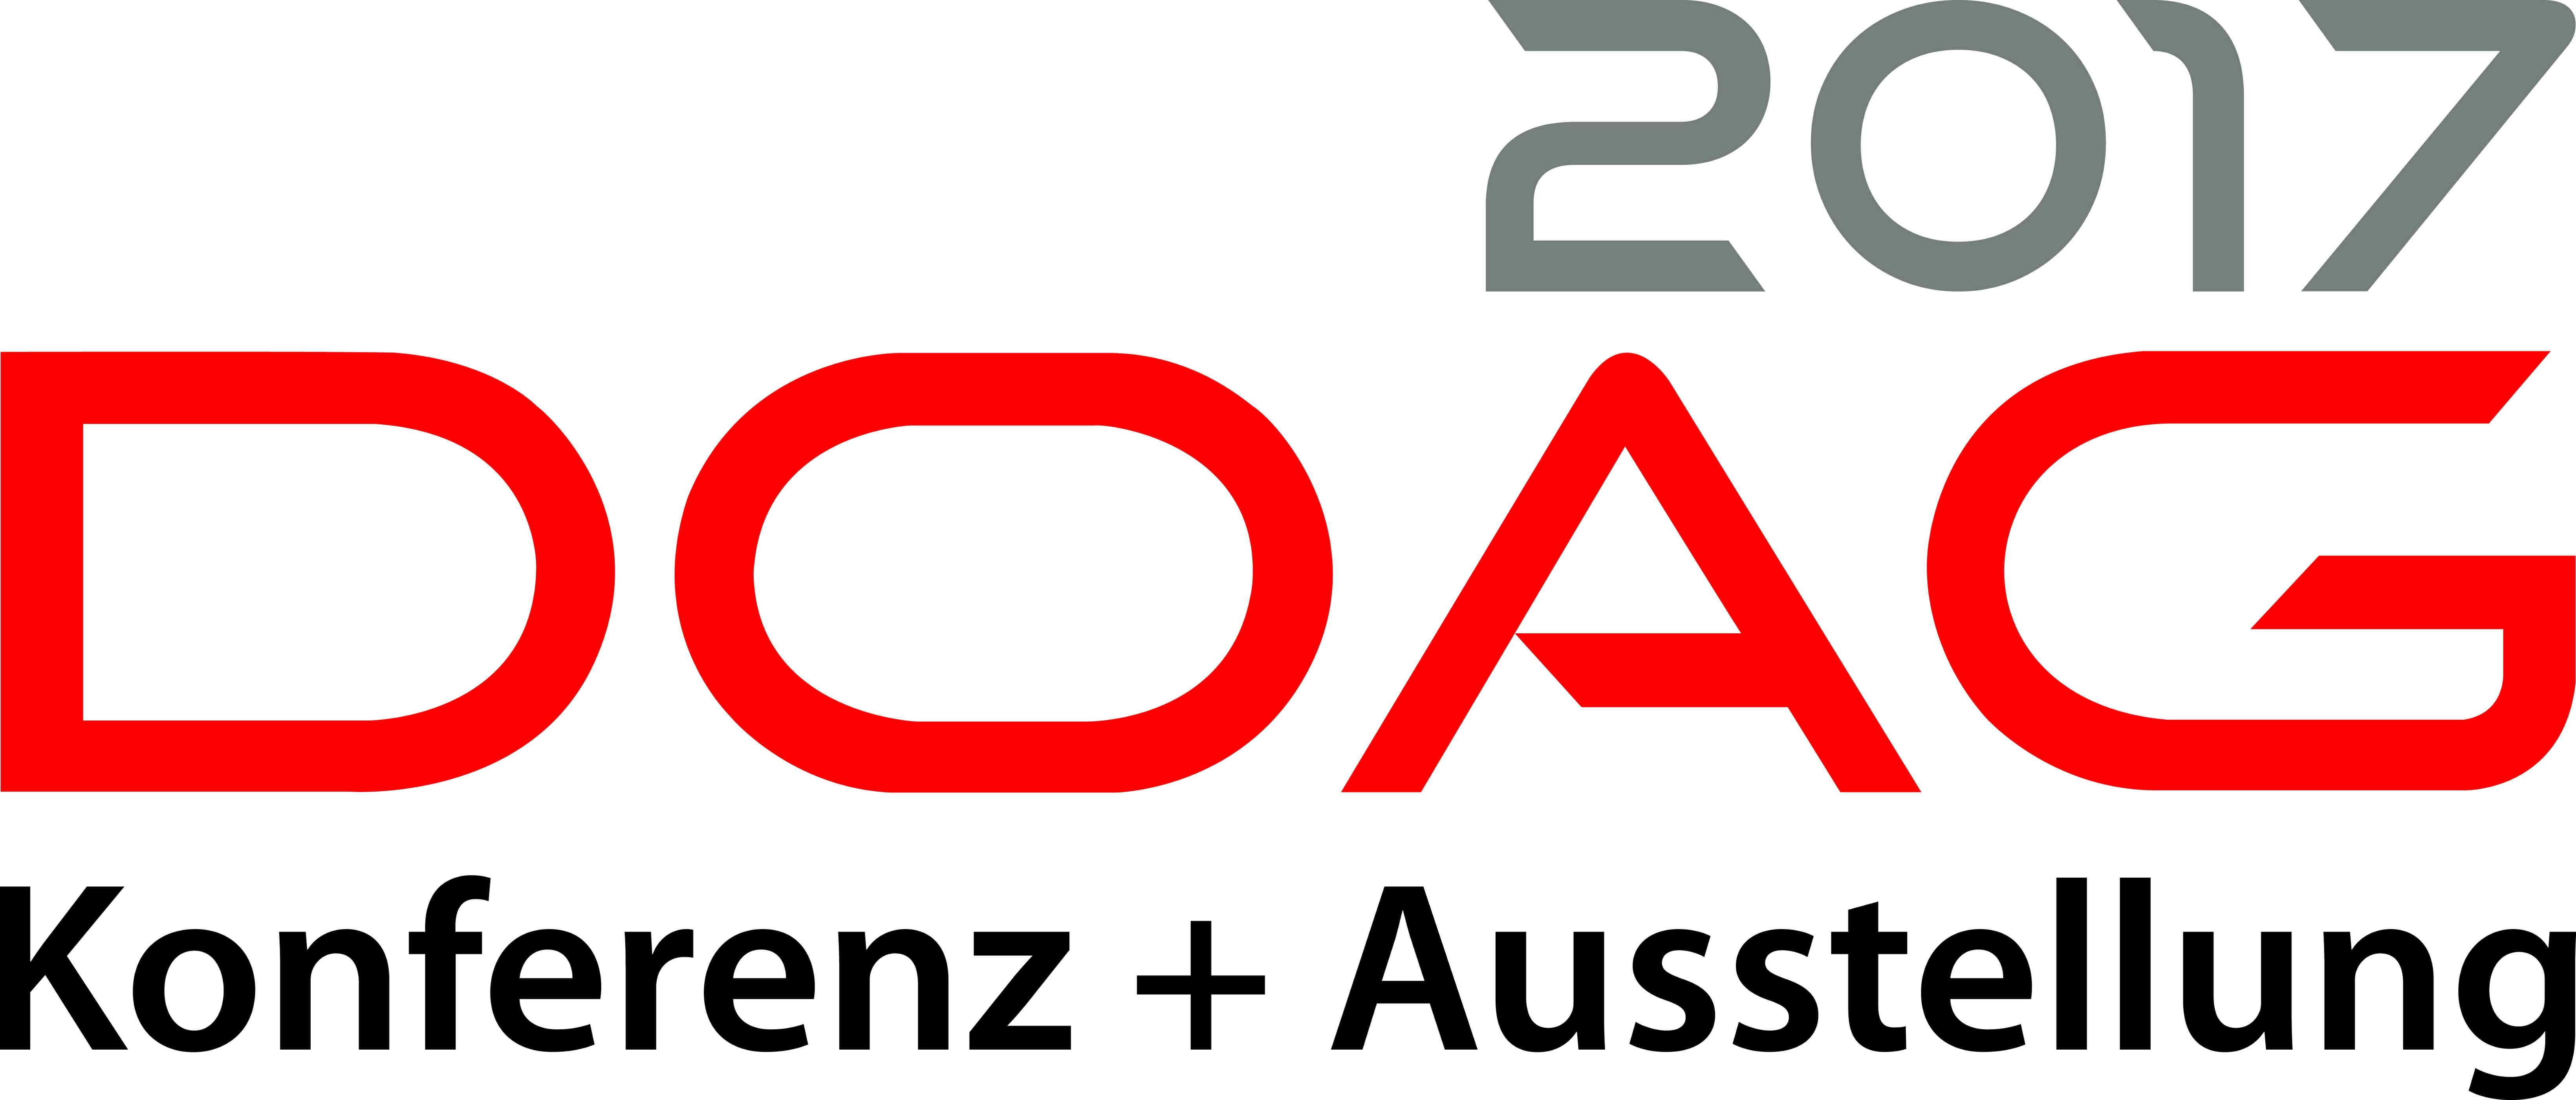 2017-konferenz_ausstellung-logo